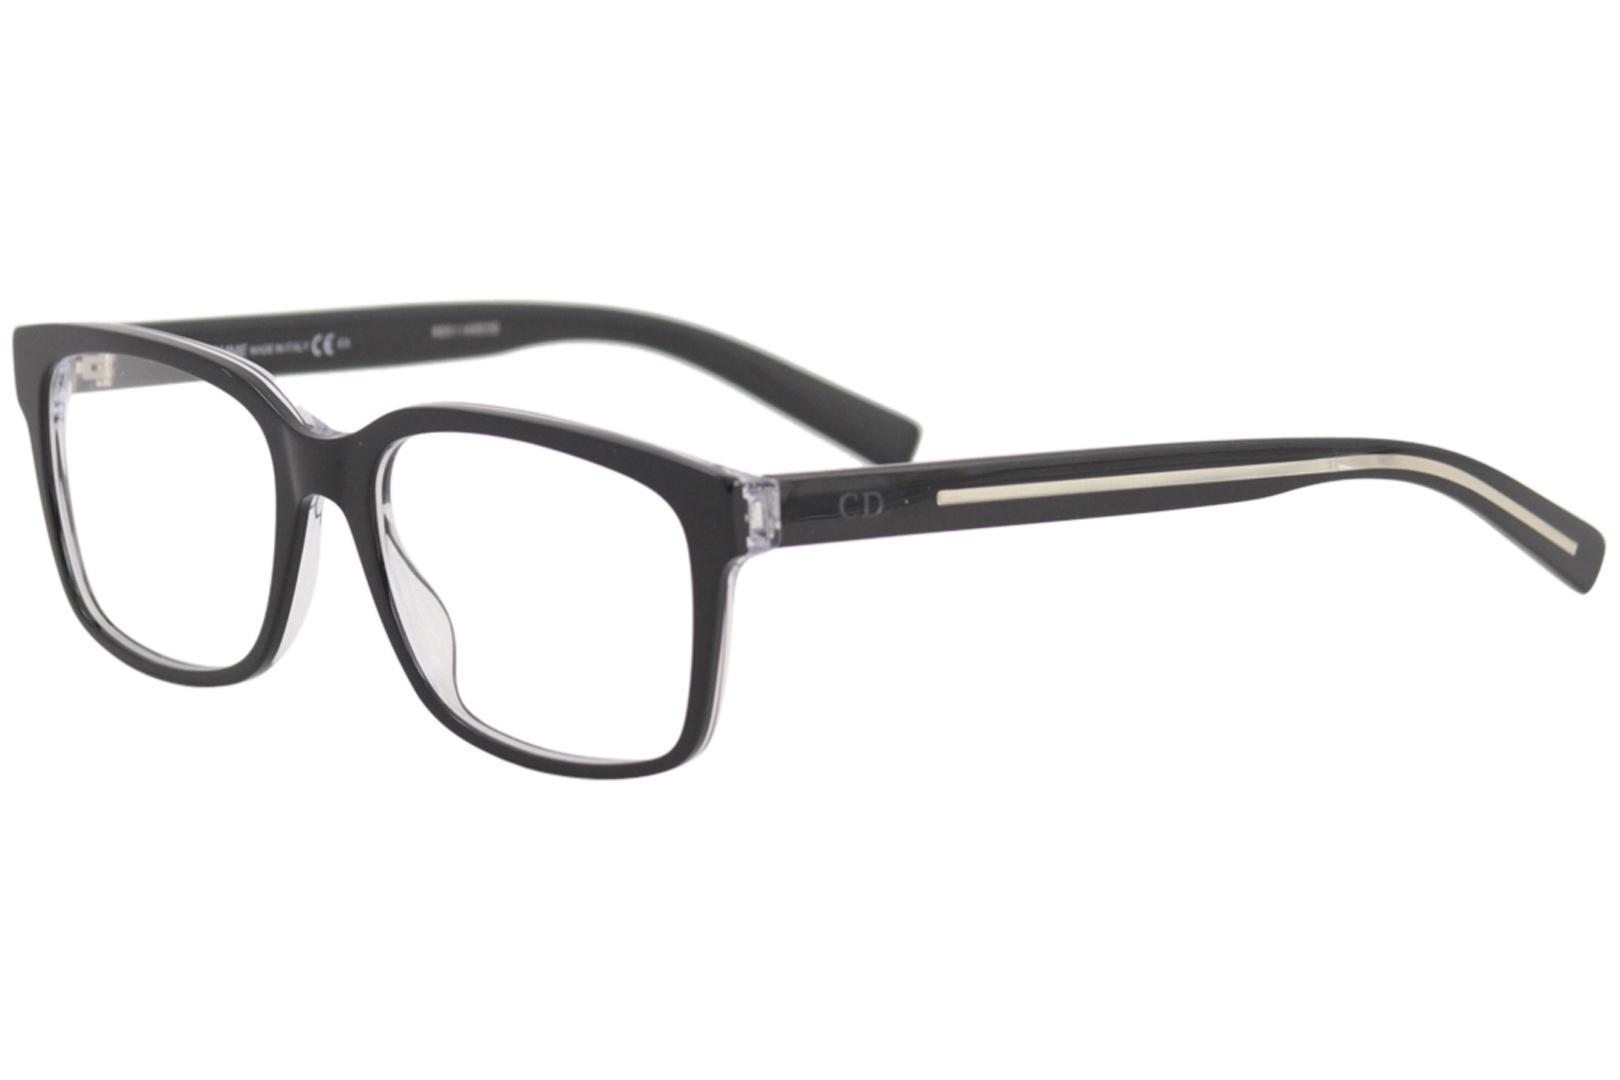 81c5dd1cb66e Christian Dior Men s Blacktie Eyeglasses GHA203 GHA 203 Full Rim Optical  Frame